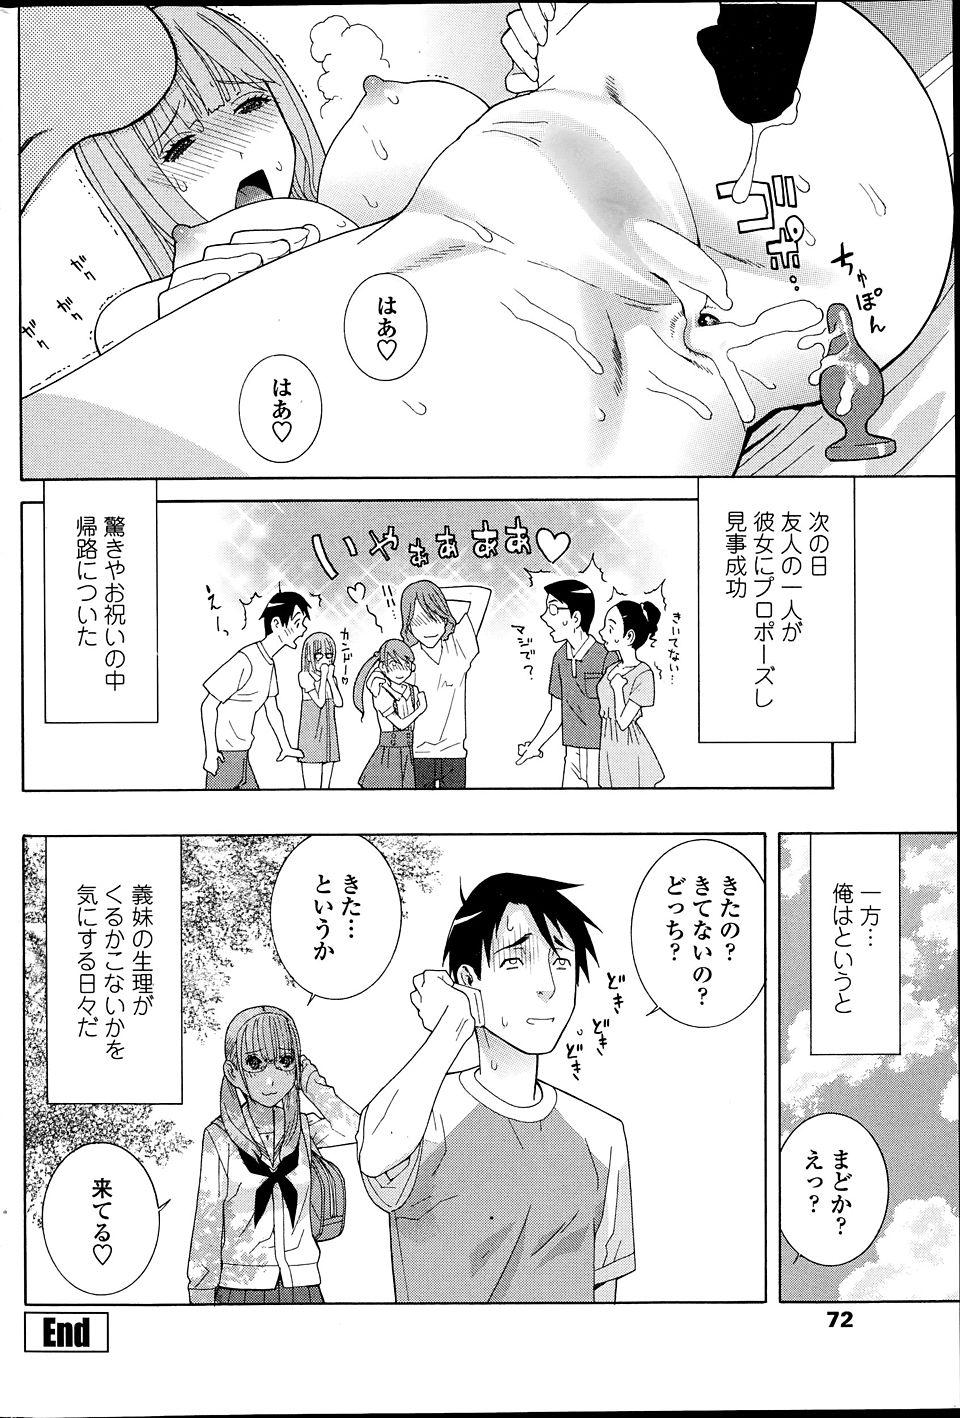 【エロ漫画・エロ同人】巨乳義妹のアナル開発してアナルセックスしてるwww (16)